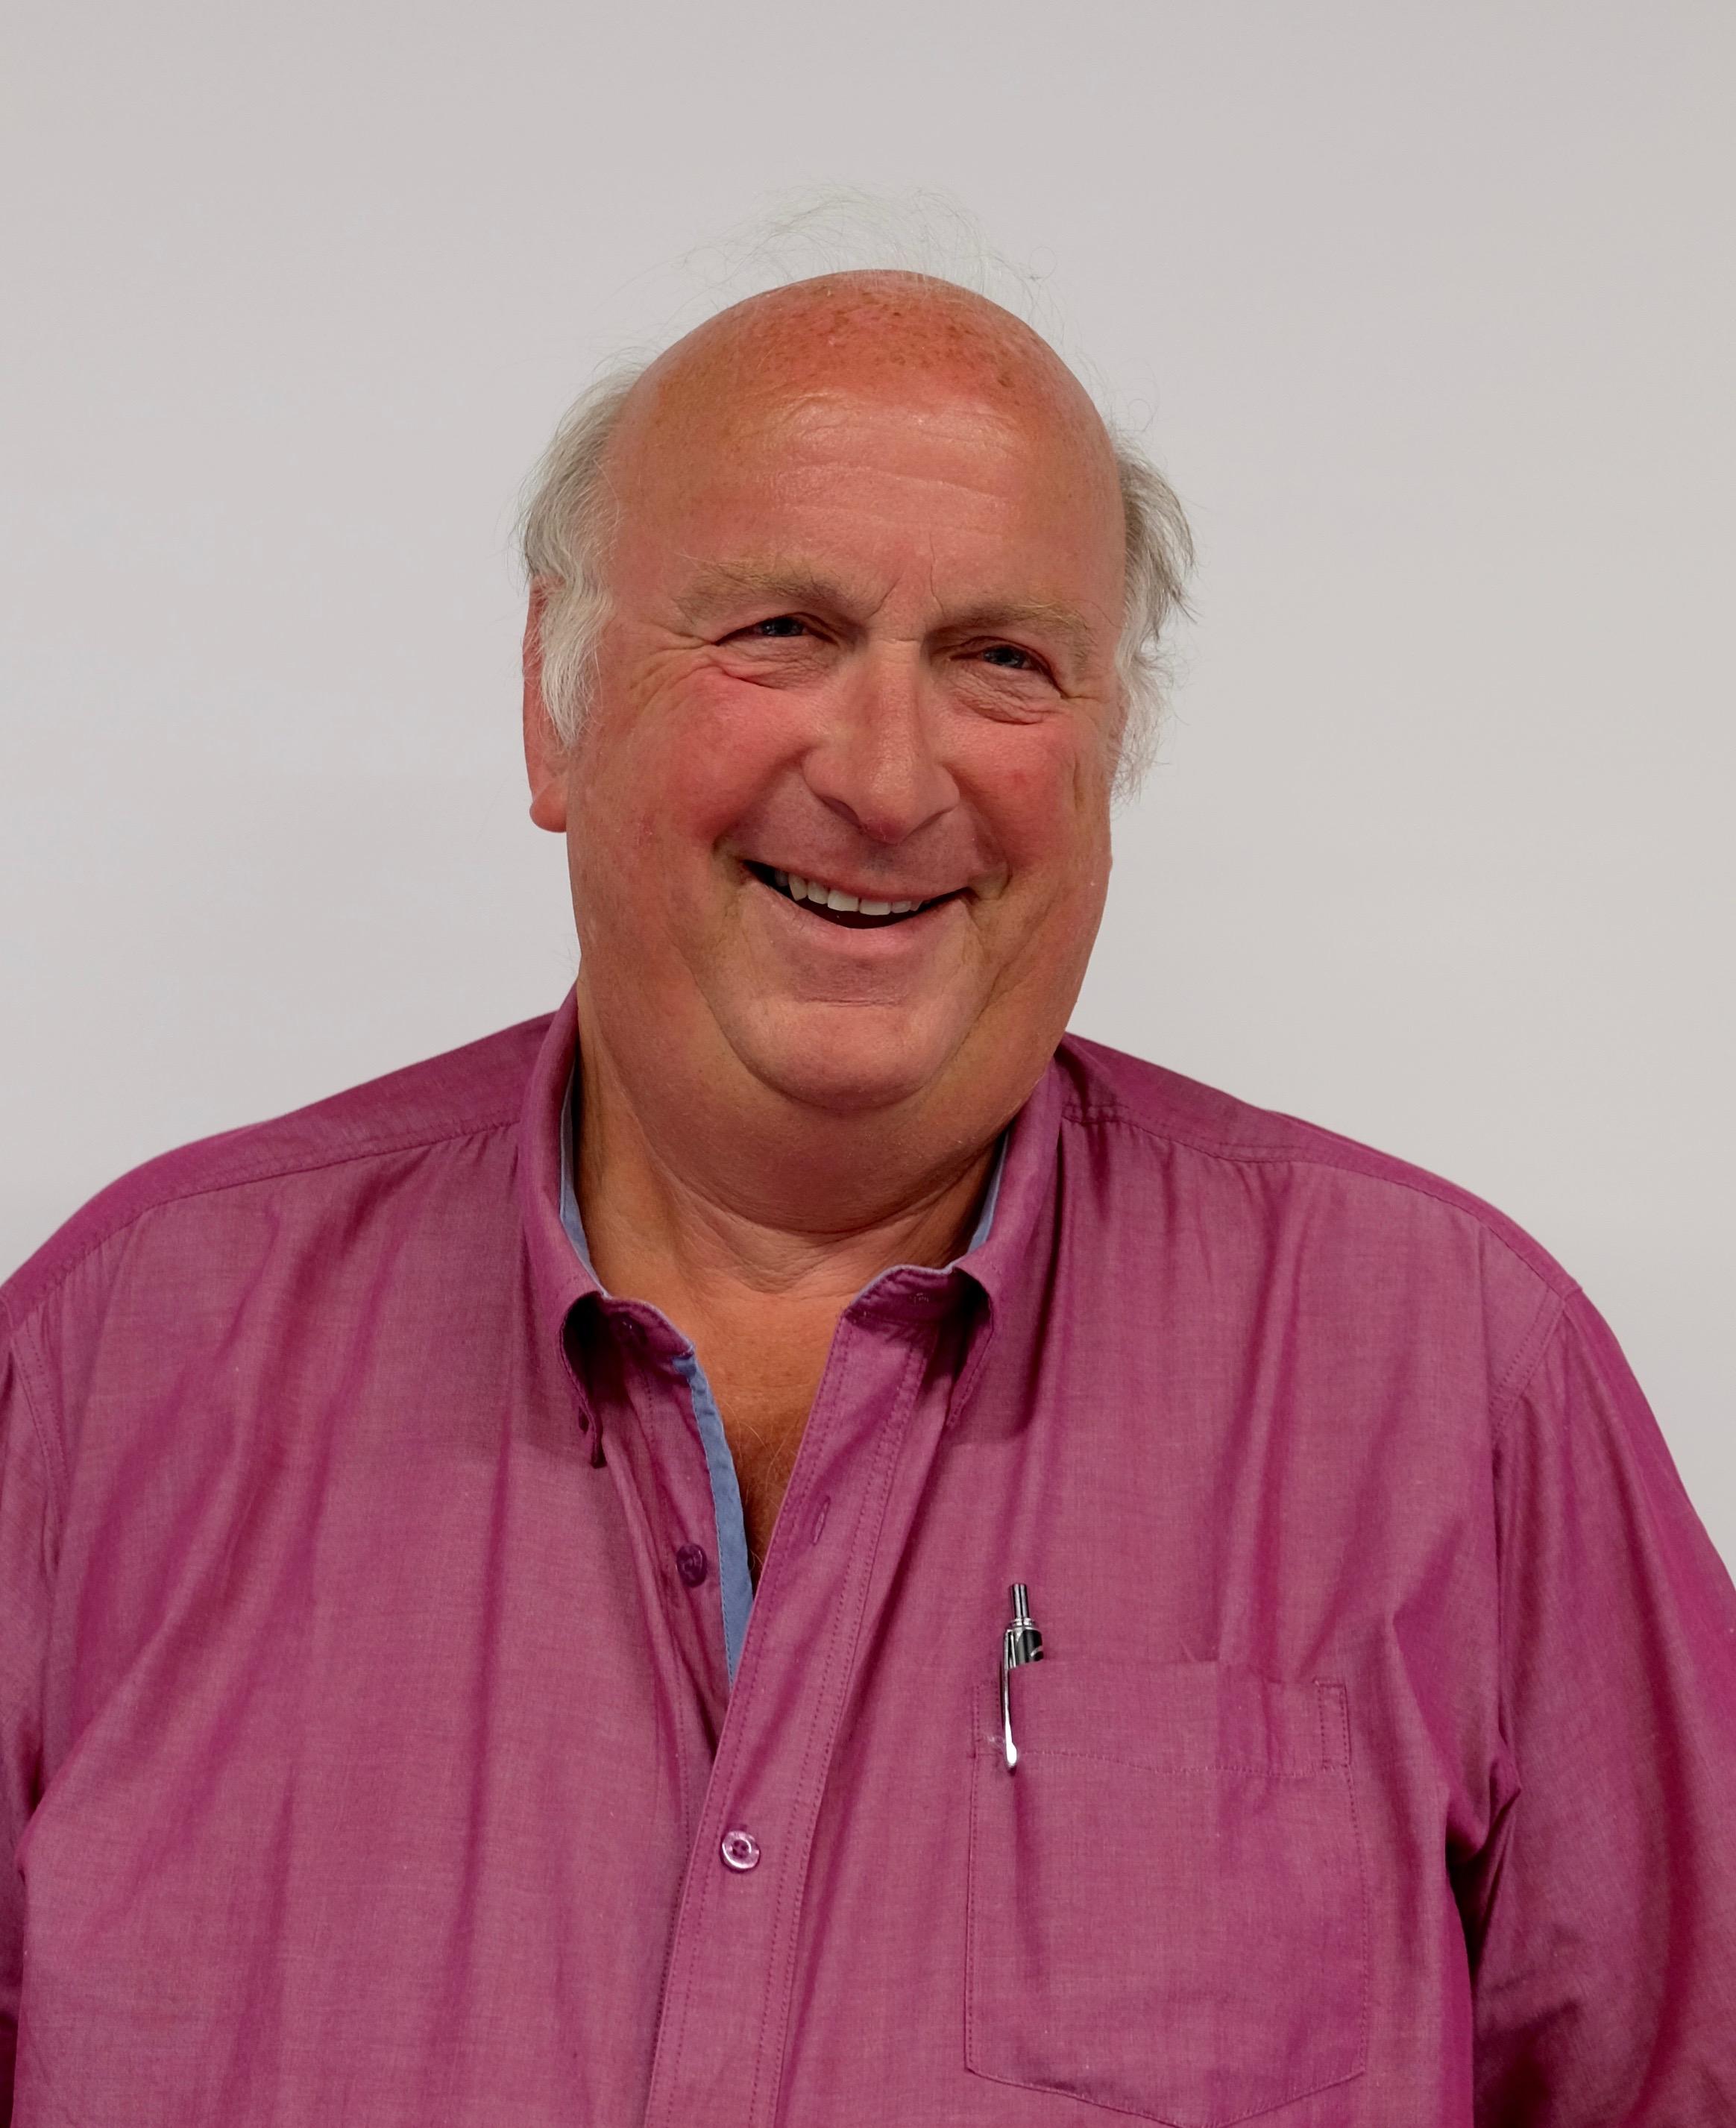 Rob Longhurst